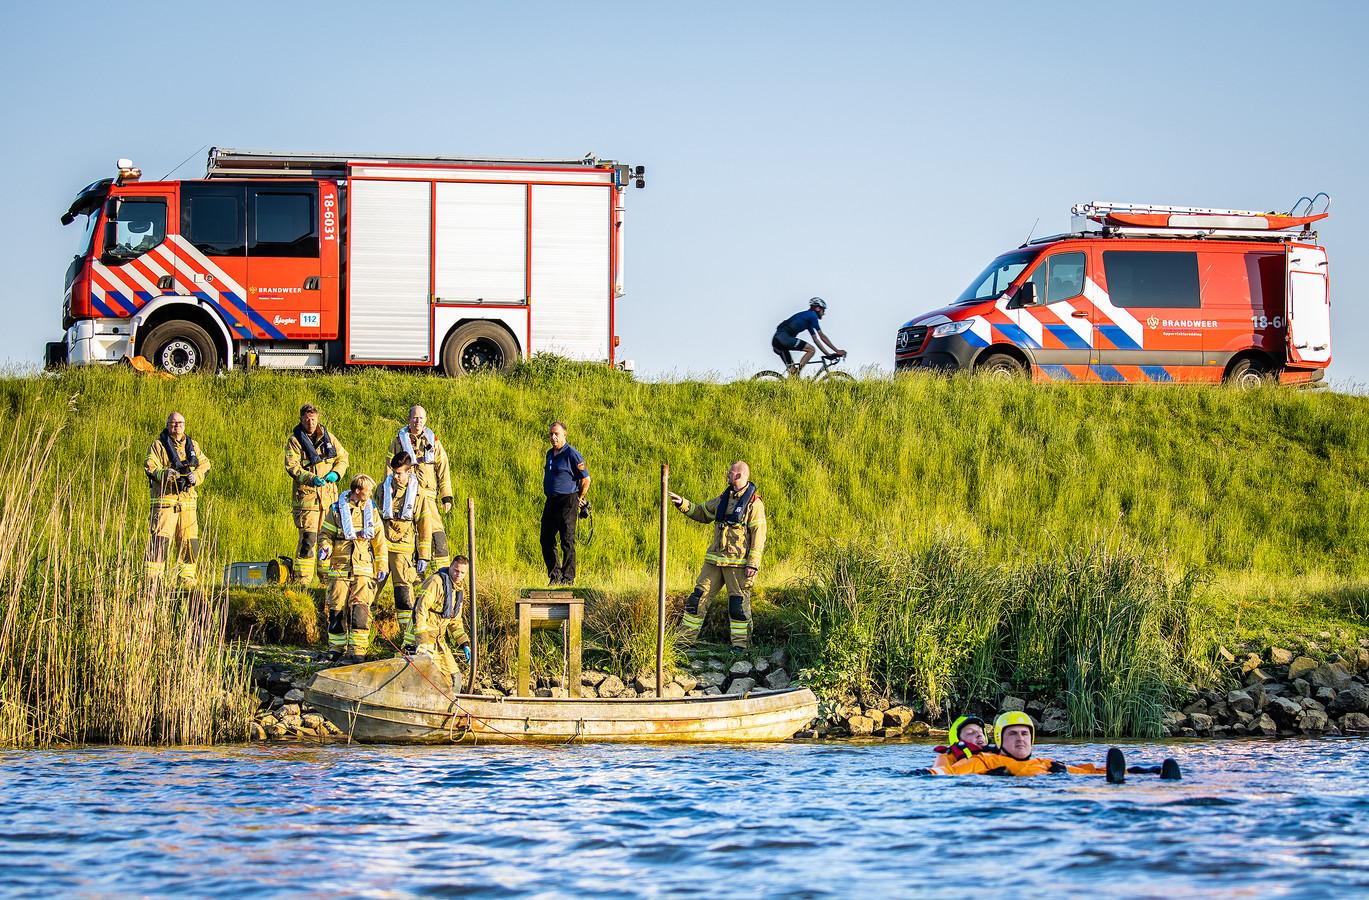 Het nieuwe oppervlaktereddingsteam van de brandweerpost Maasdam/Puttershoek aan het werk tijdens een oefening in Puttershoek.